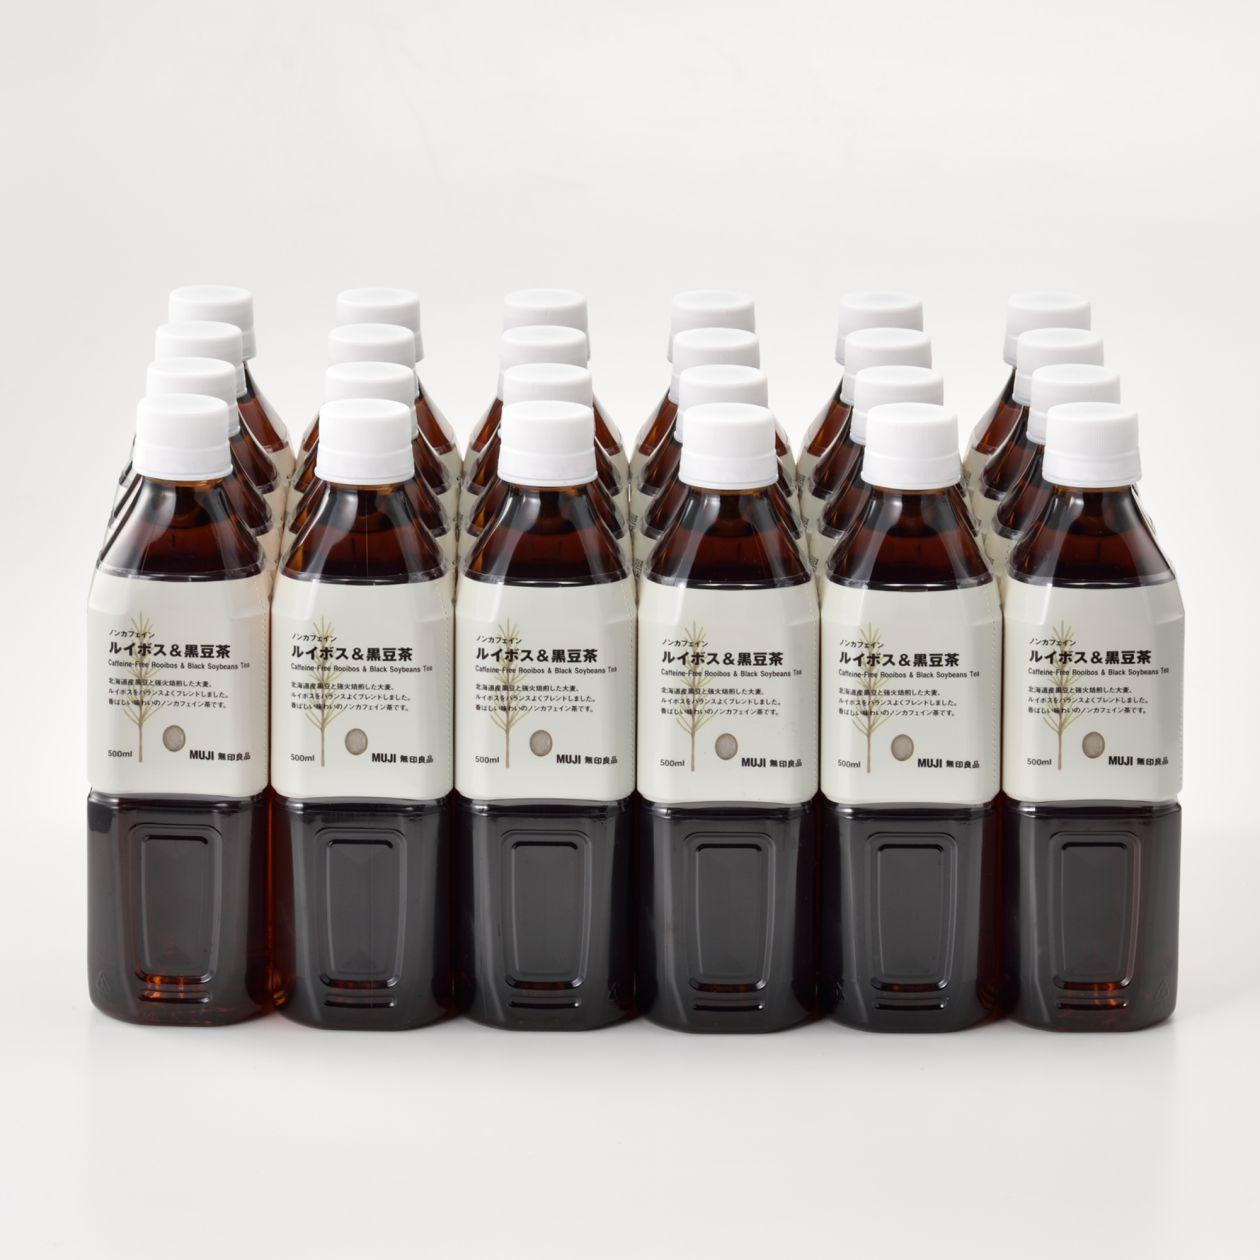 【ネット限定】【まとめ買い】 ノンカフェイン ルイボス&黒豆茶